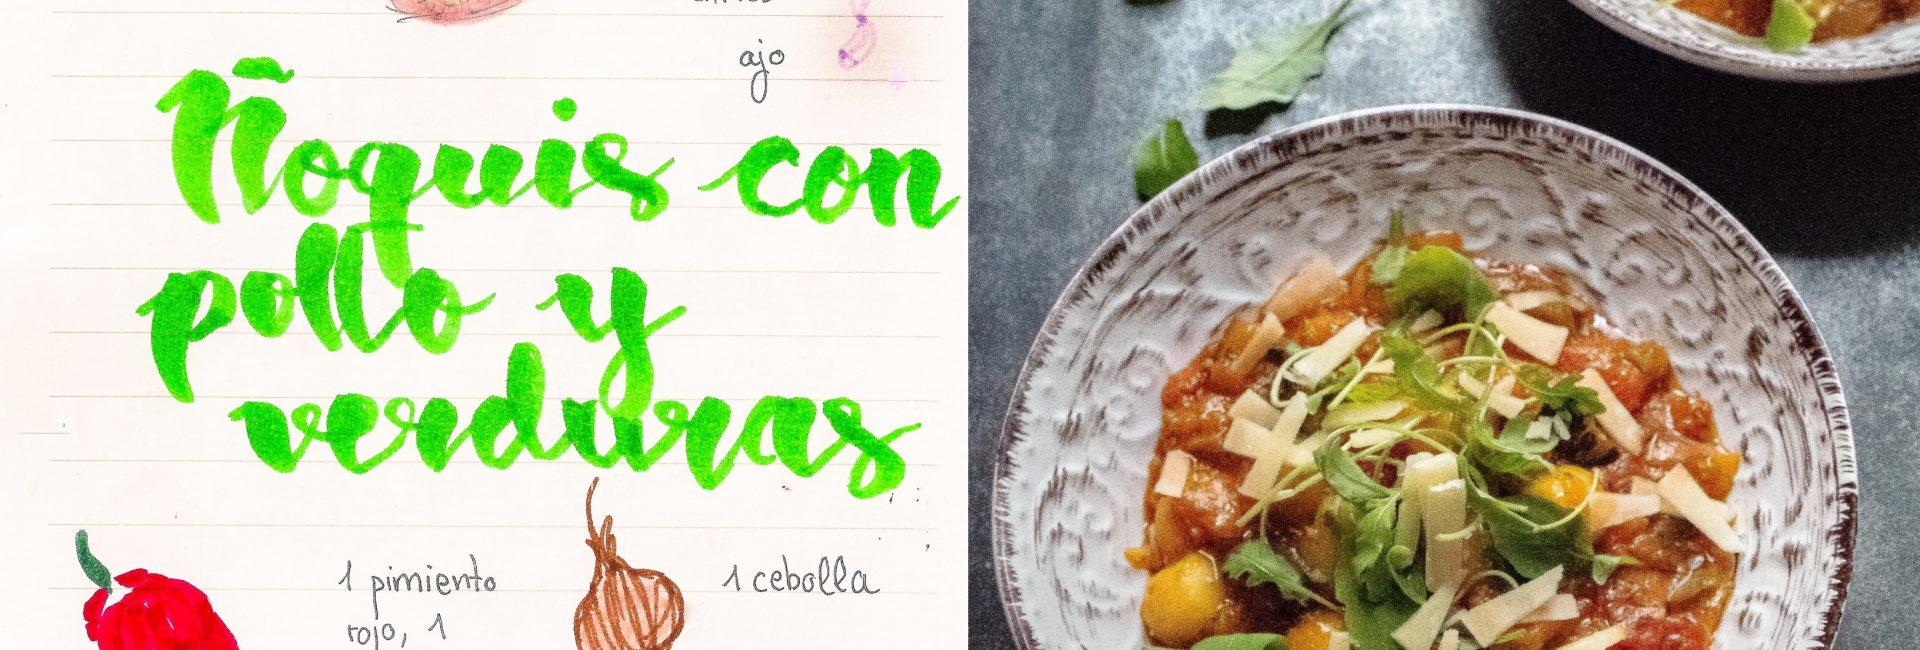 Ñoquis con pollo y verduras asadas